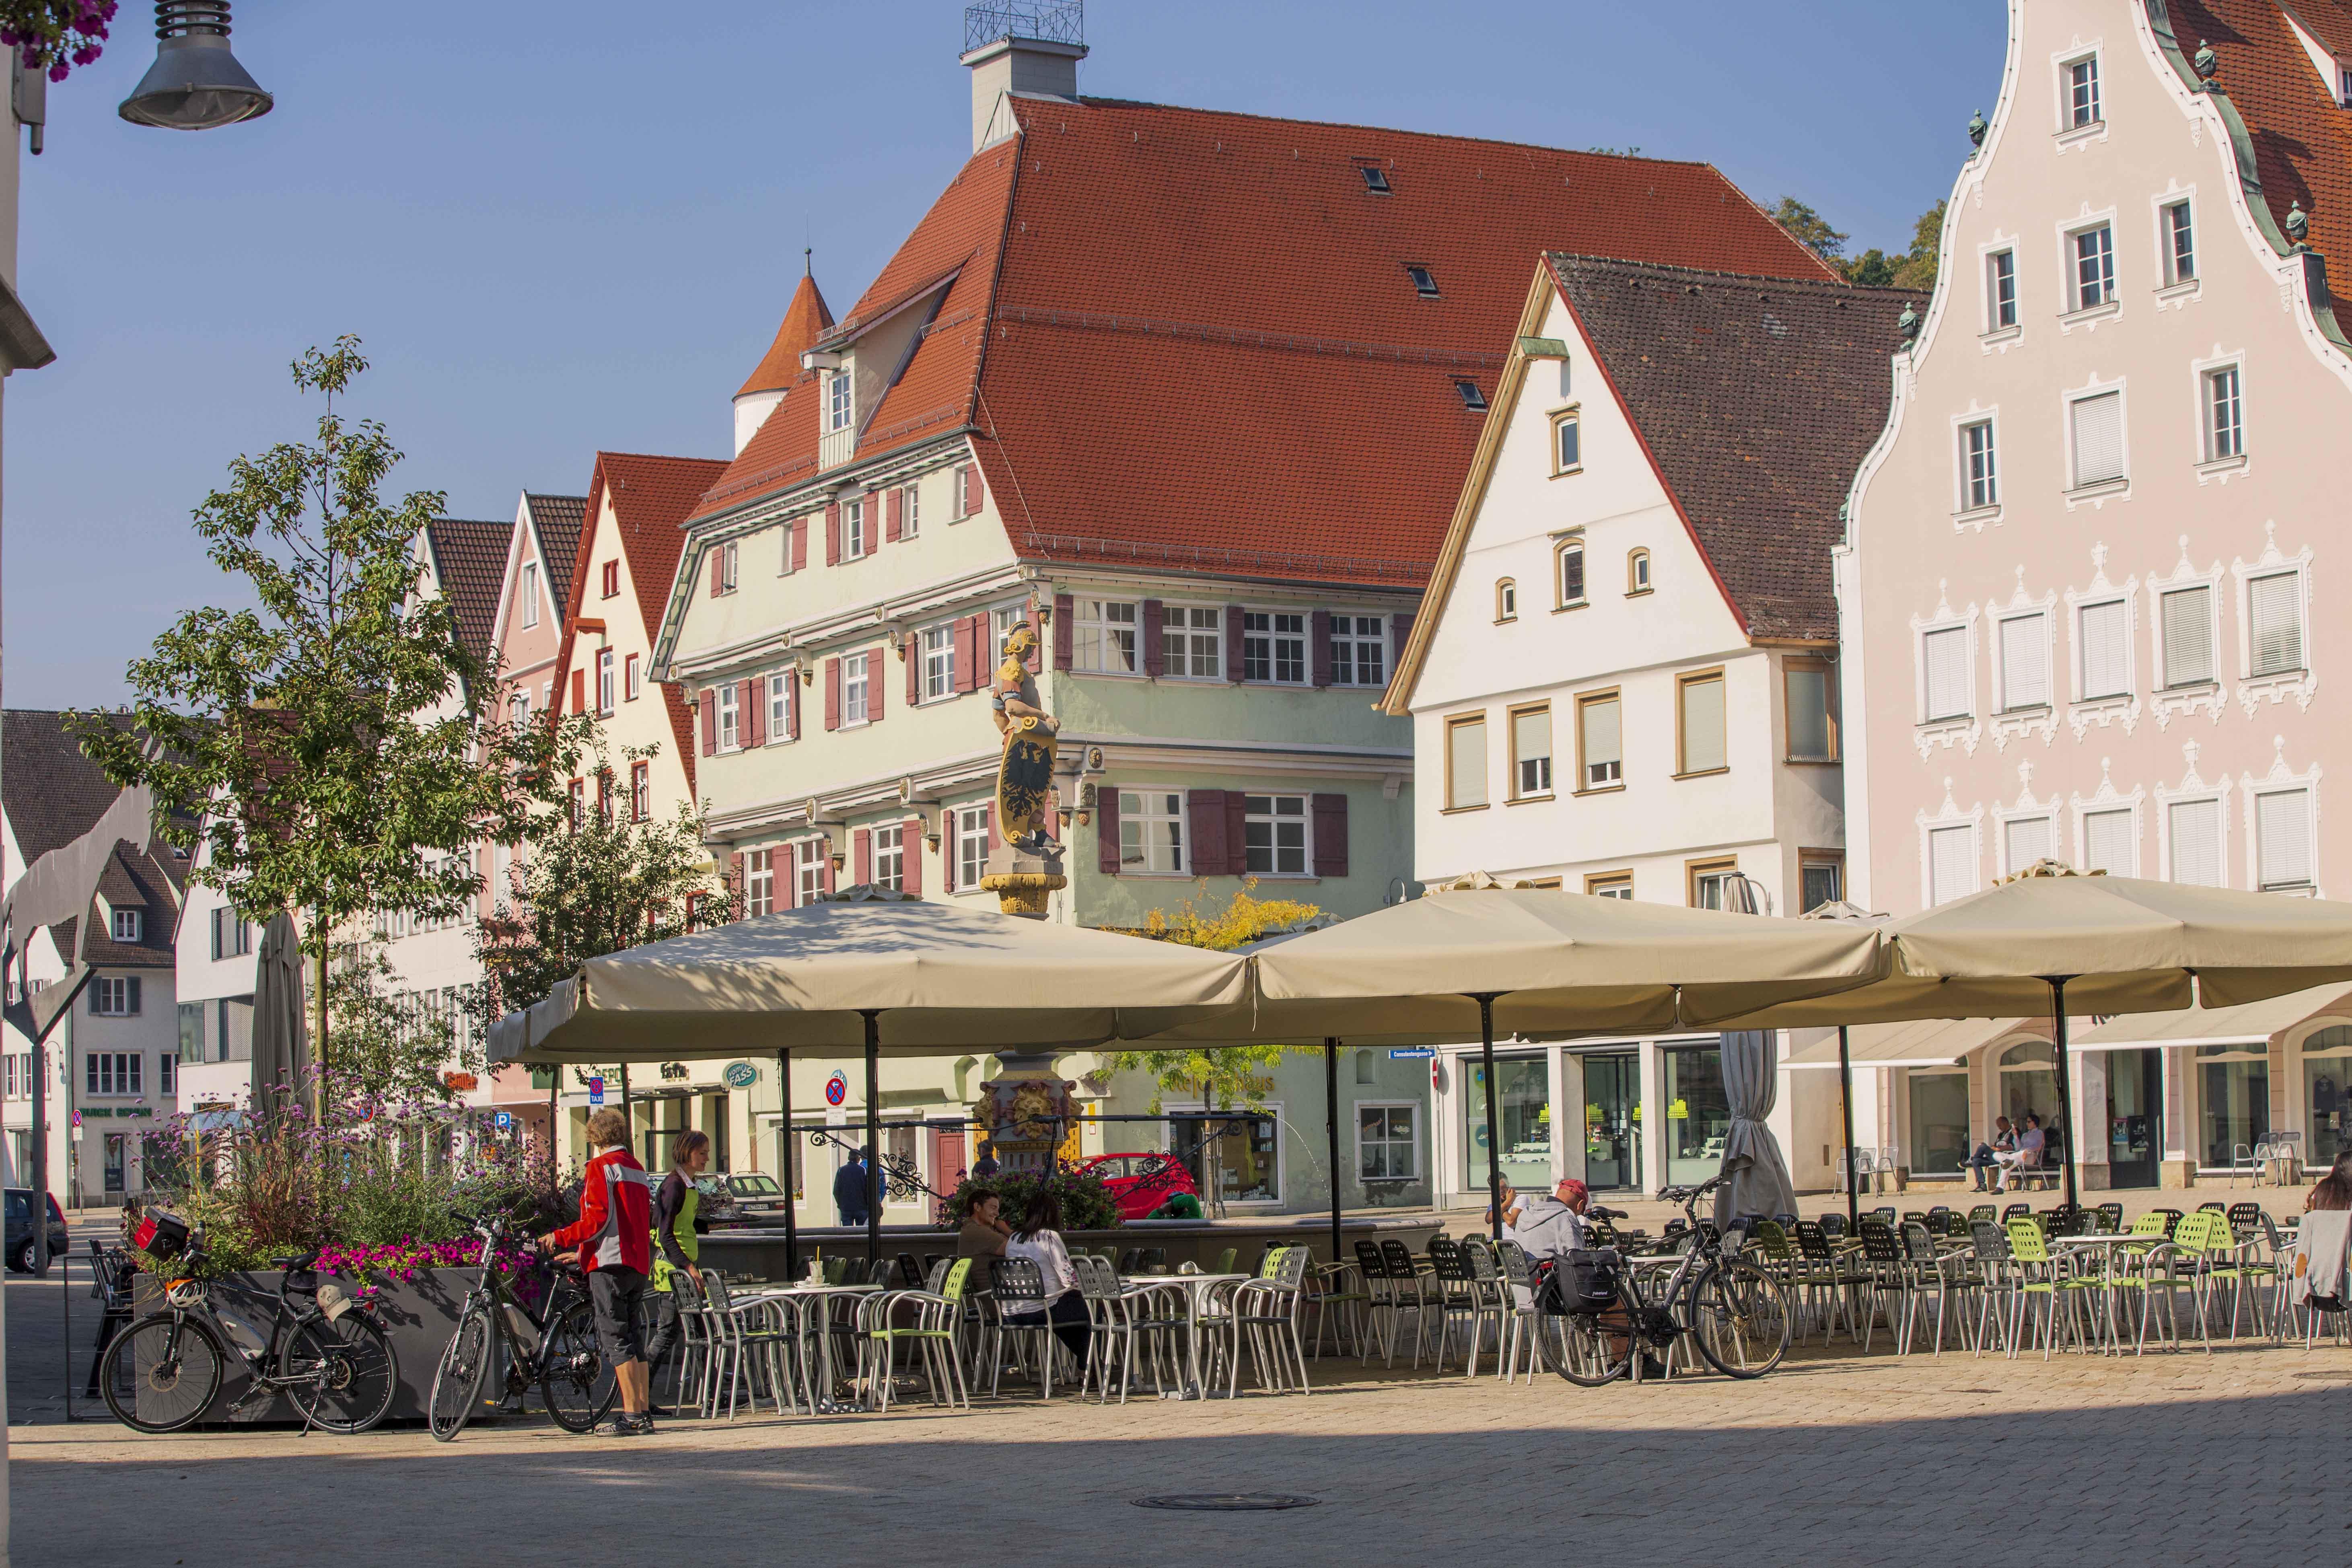 Blick über Marktplatz zum Kleeblatthaus, Biberach an der Riss klein